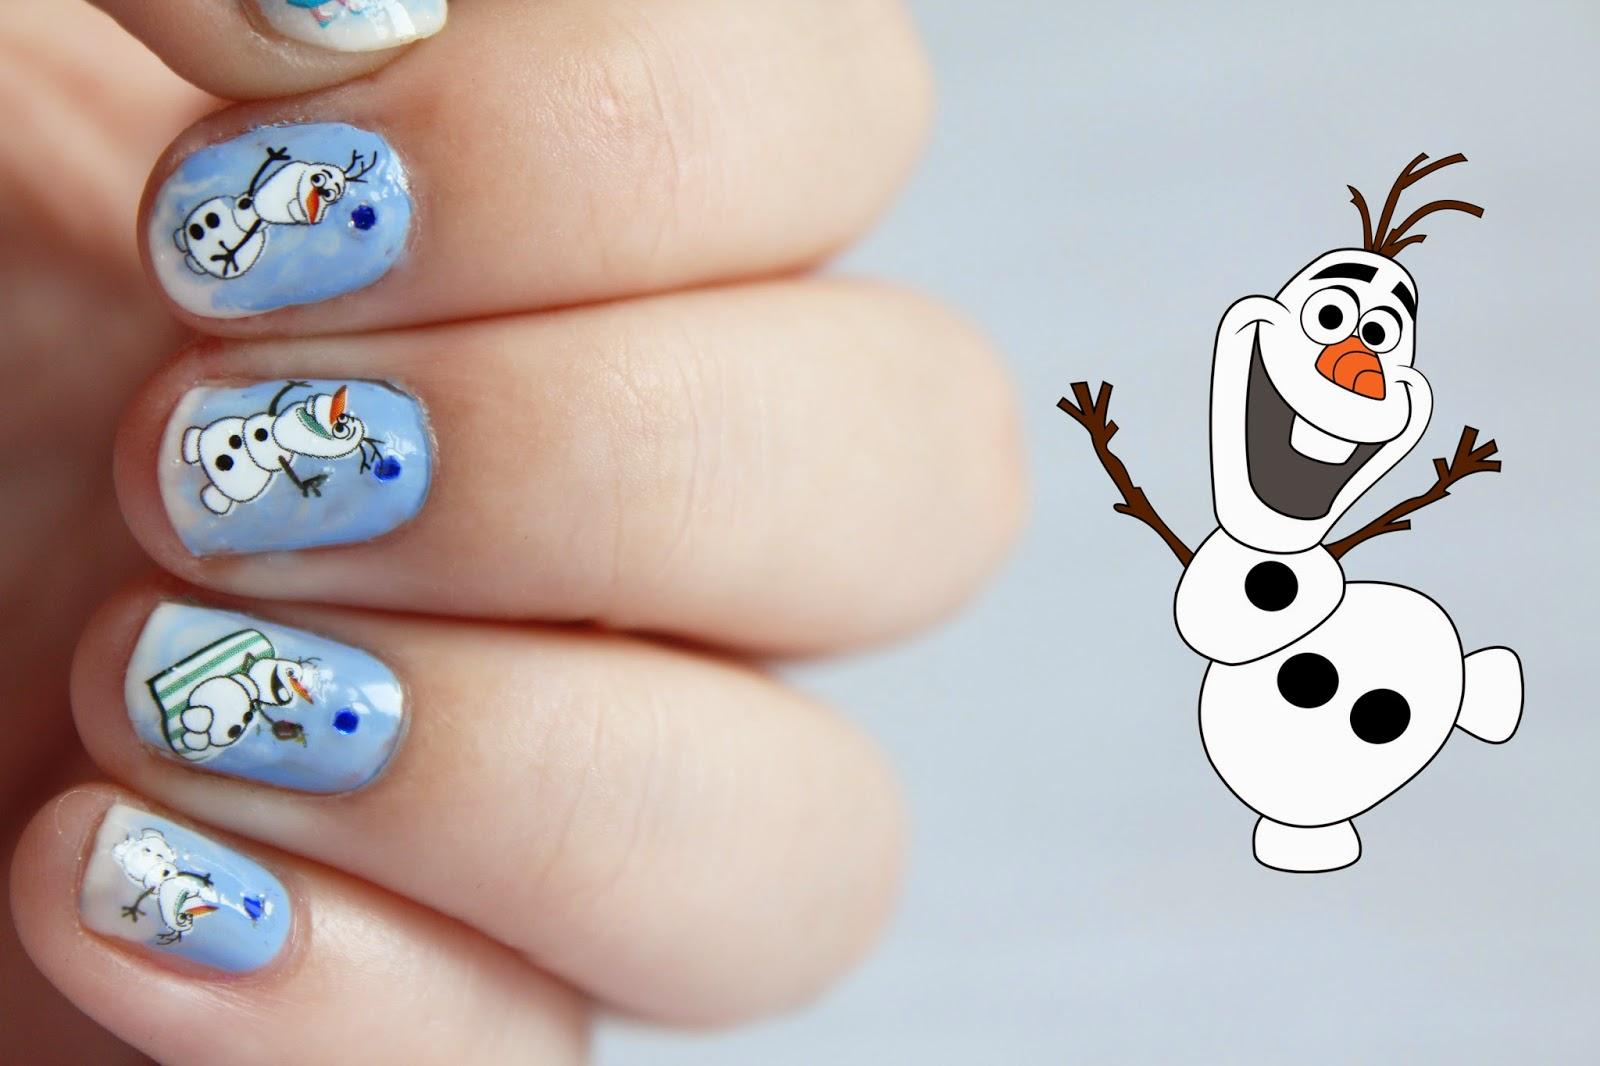 Lunefulle - le blog: Nail art - Reine des neiges le retour - Olaf